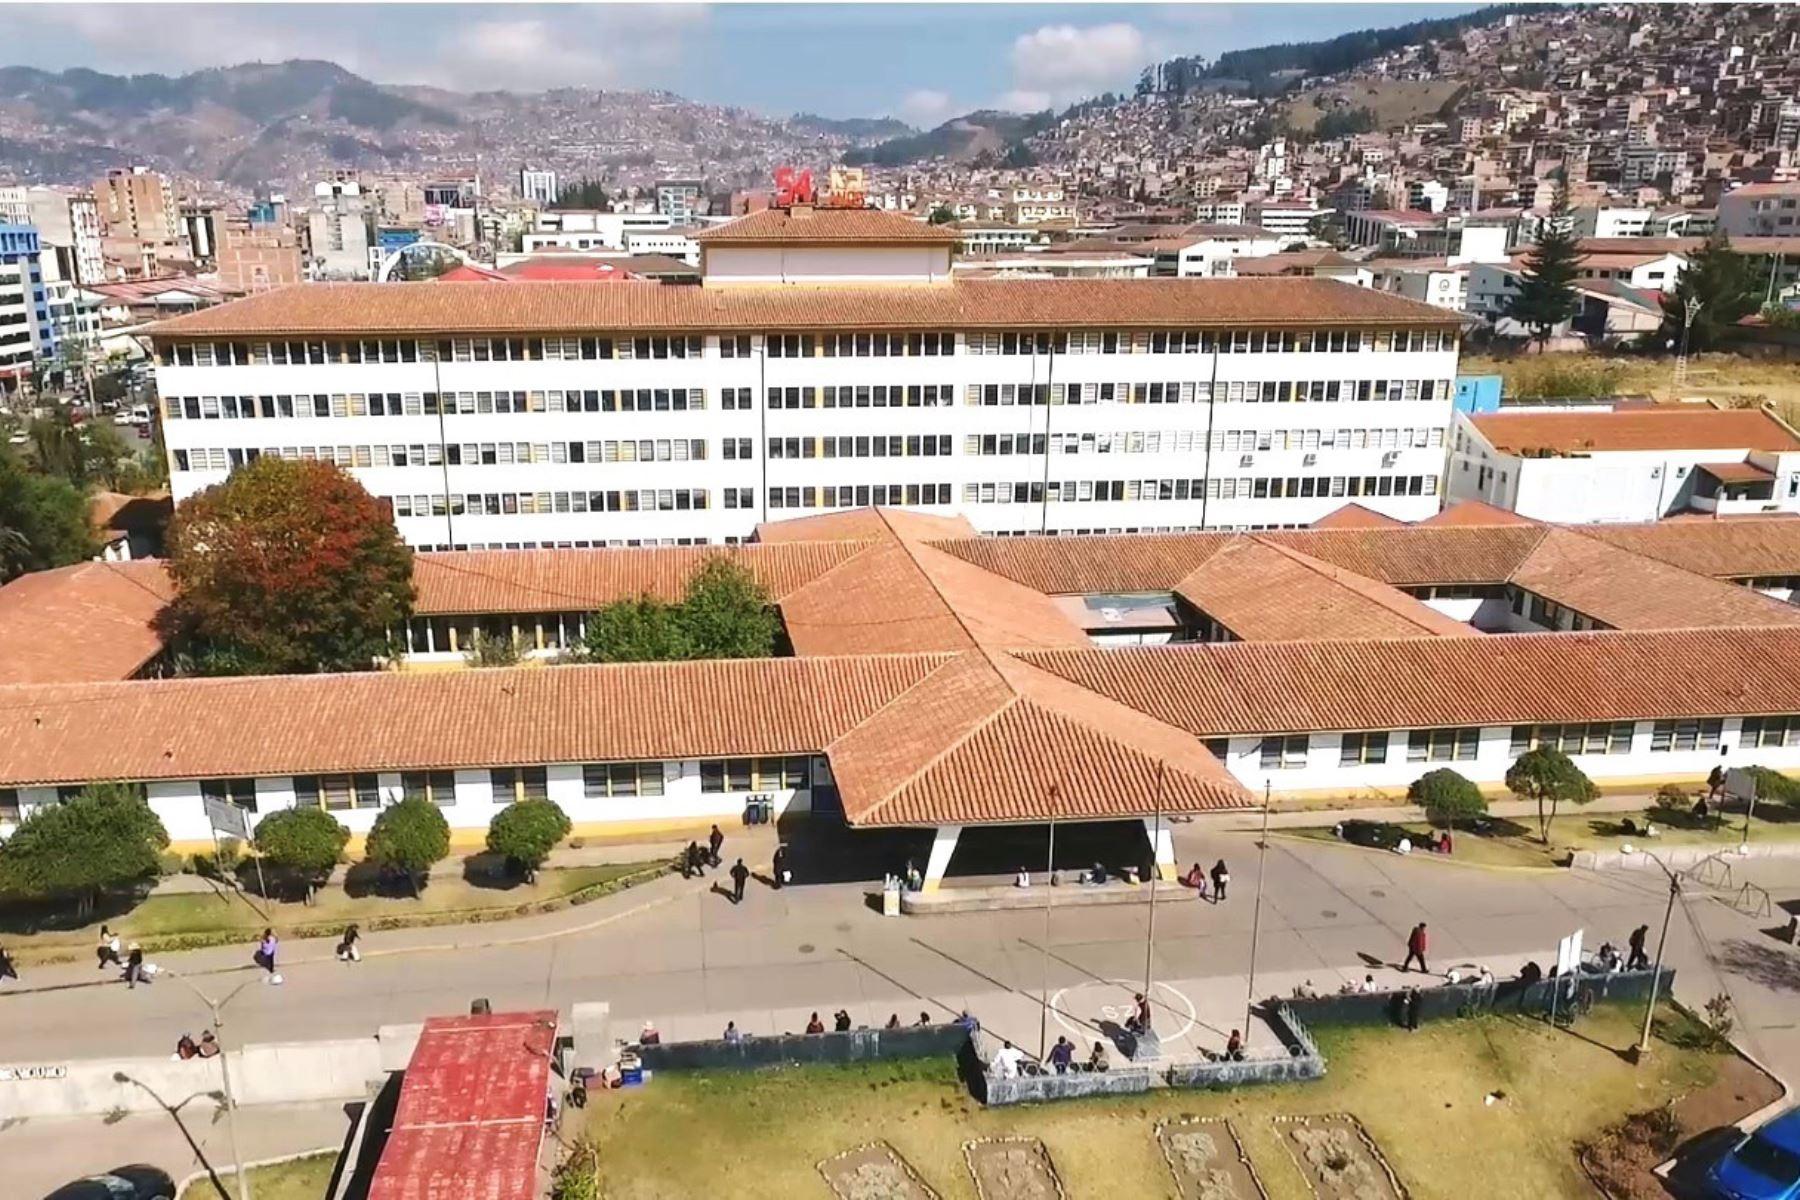 La Defensoría del Pueblo reveló que el gobierno regional de Cusco tiene un presupuesto de S/ 34.3 millones, de los cuales más de S/ 21 millones están destinados a salud y solo ha ejecutado la mitad. ANDINA/Archivo